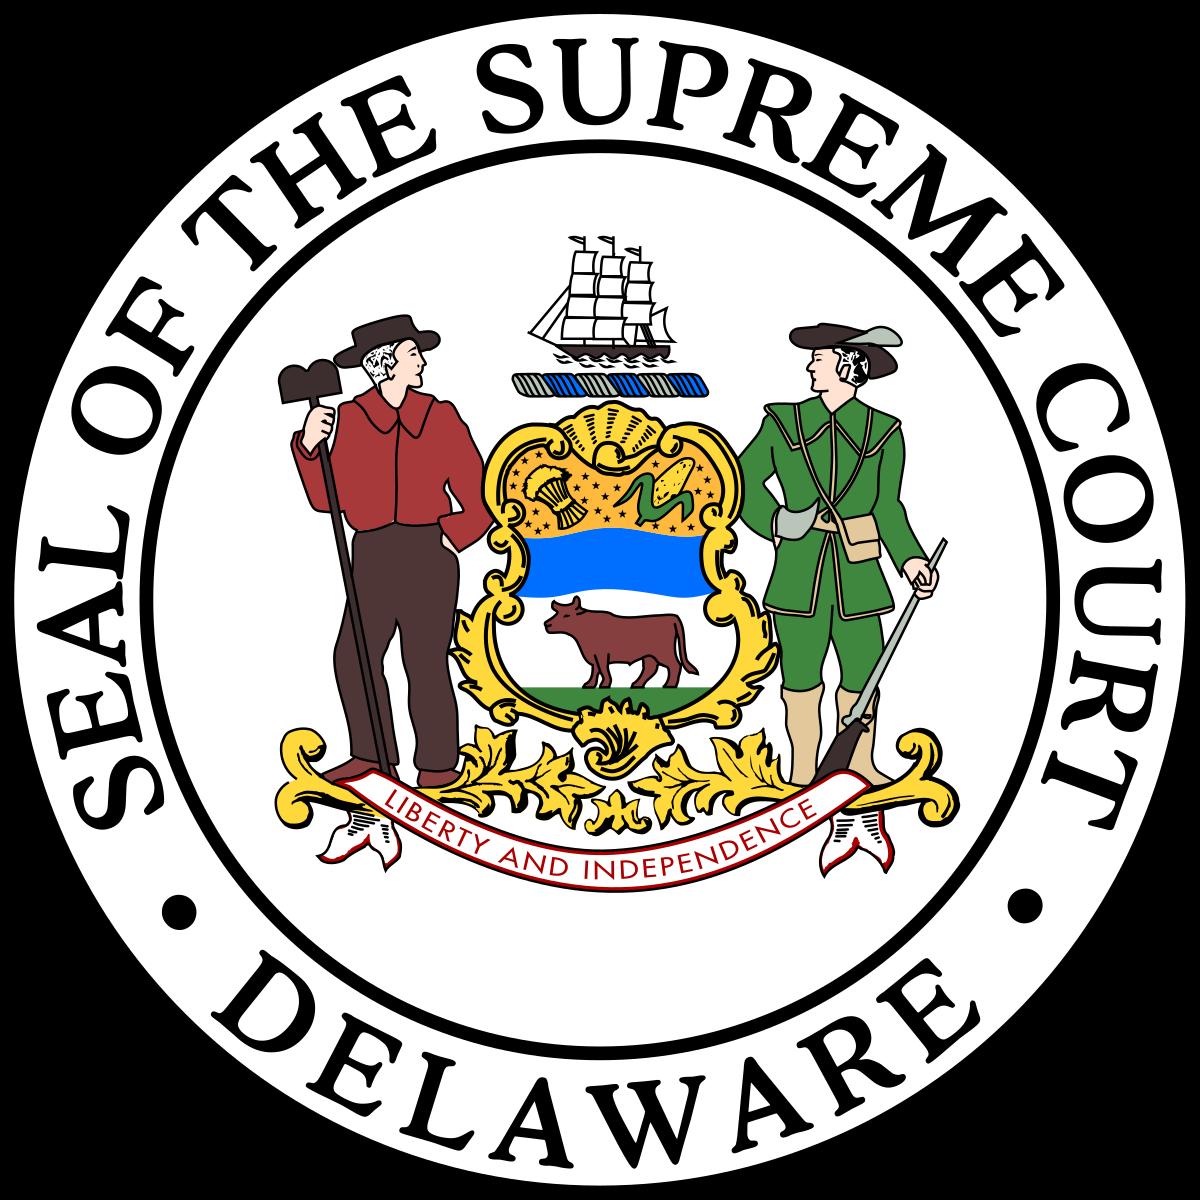 1200x1200 Delaware Supreme Court